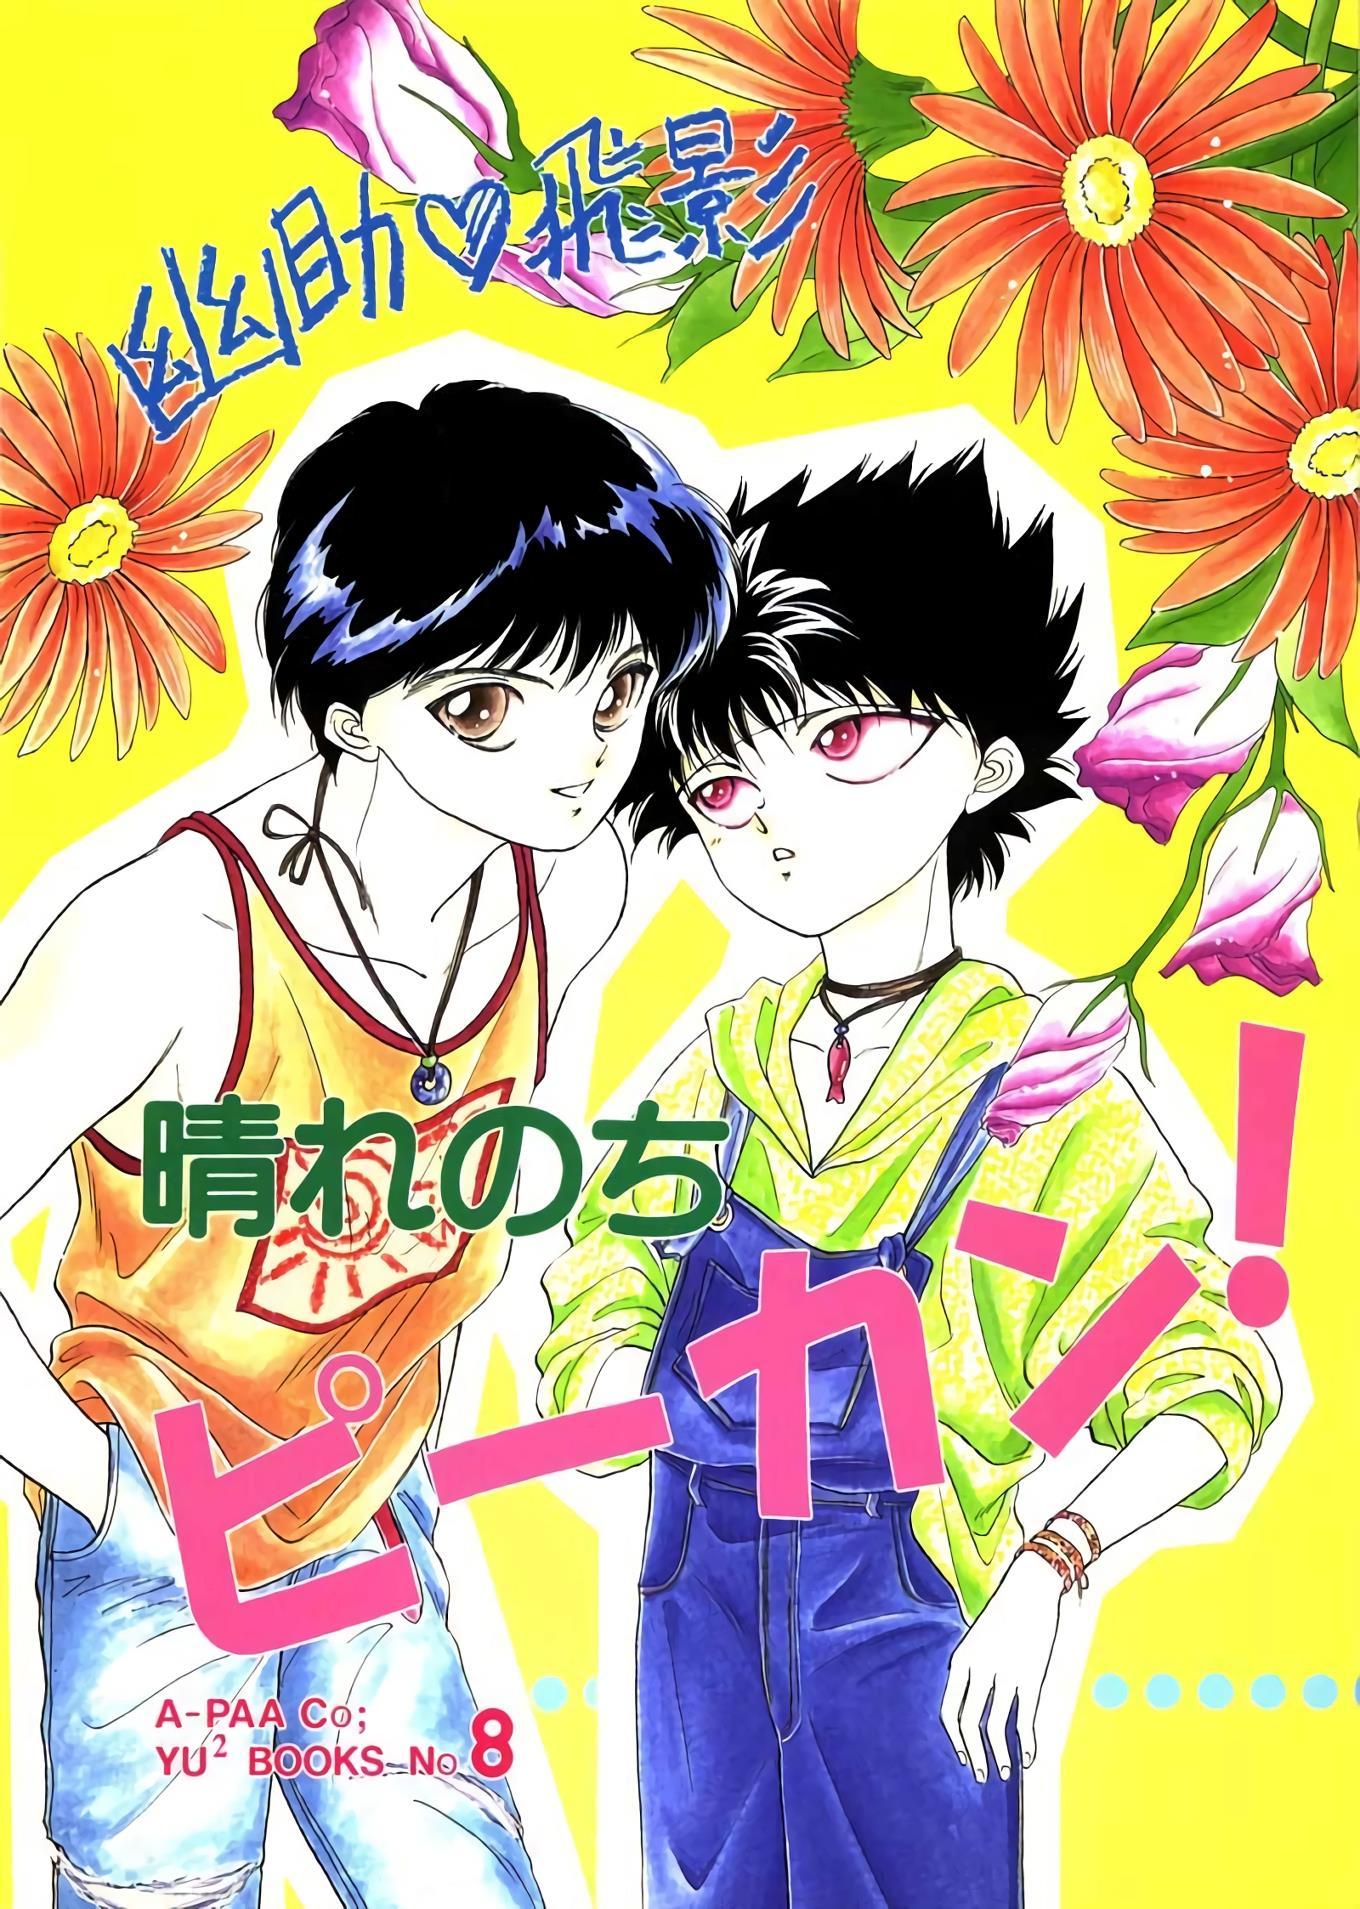 Yu Yu Hakusho Hentai: Amor entre rivais - Foto 1